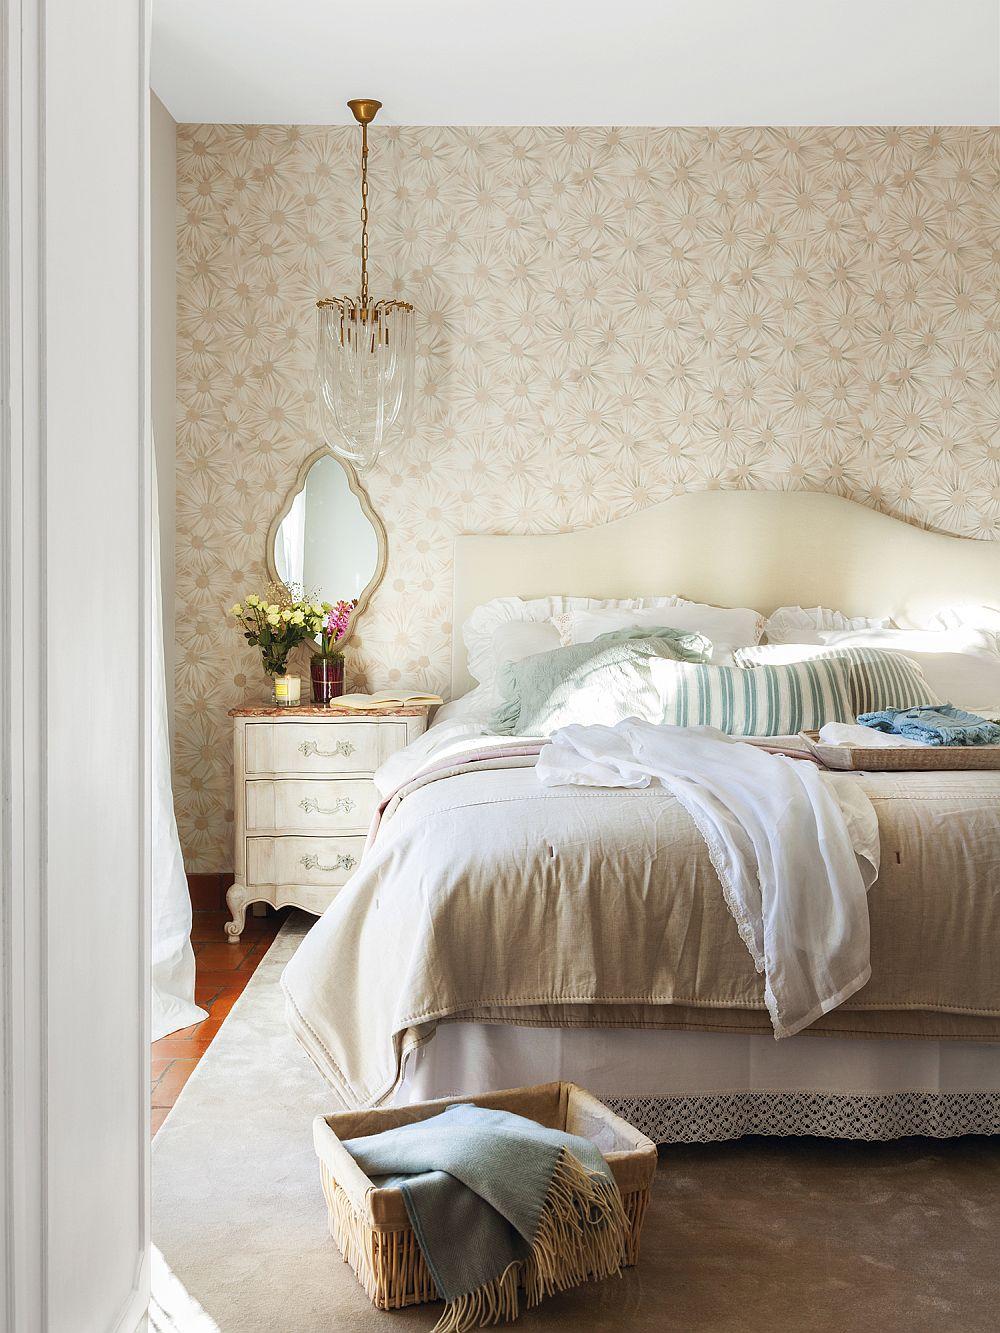 În dormitor tăblia patului dictează stilul amenajării, iar aici atât patul, cât și noptierele erau din registrul clasic. Da, când mobila este închisă la culoare o nuanță deschisă poate face minuni. De asemenea, un tapet luminos, bine ales dă senzația de spațiu aerisit. Dar într-un dormitor contează enorm lenjeria de pat și covorul pentru că prin decorațiuni textile se obține senzația de confort și se pot aduce pete de culoare.